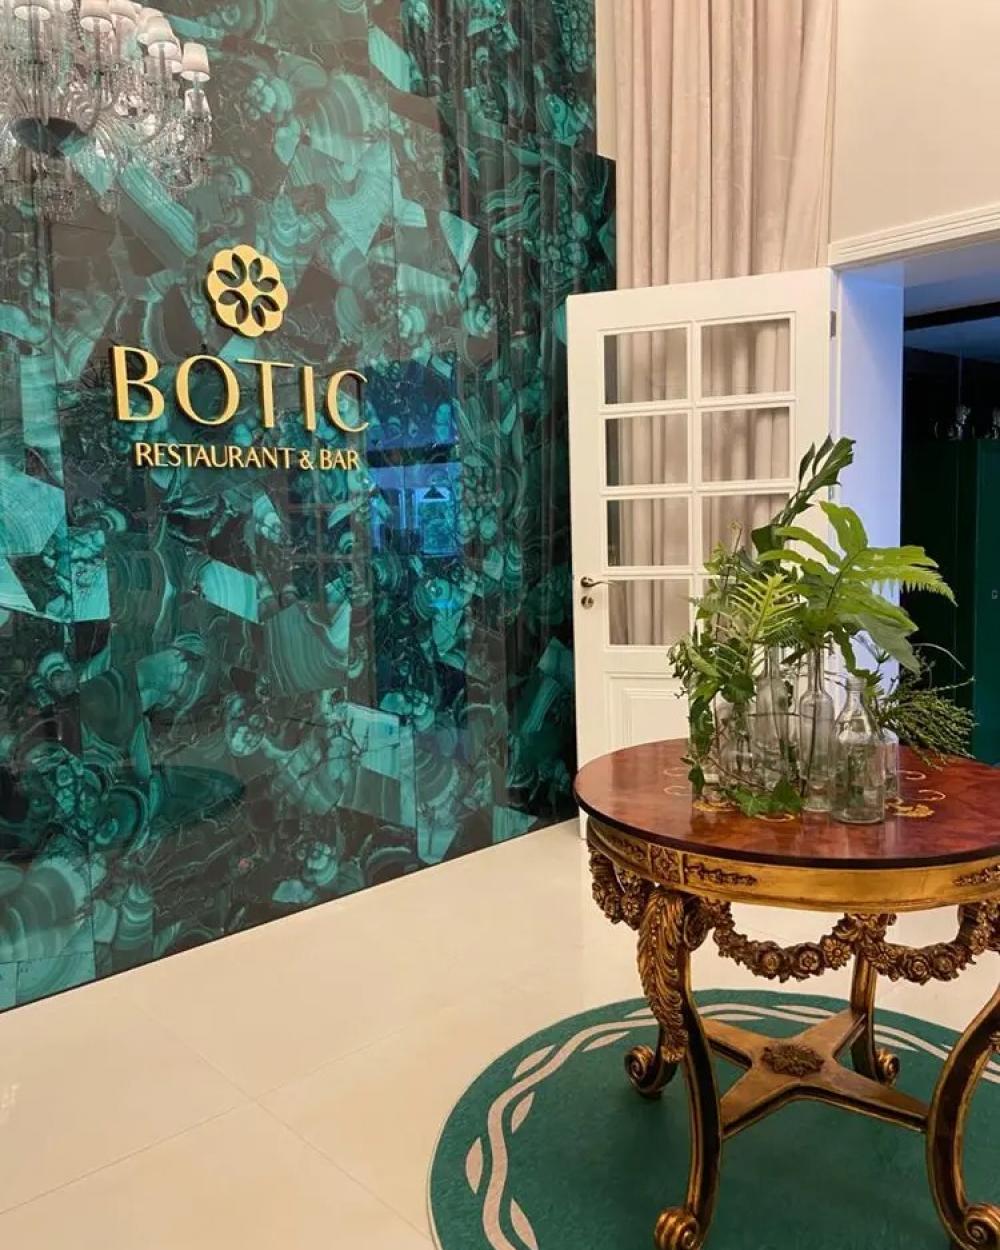 Hotel de luxo de Blumenau está entre os 30 melhores do país em programa de TV